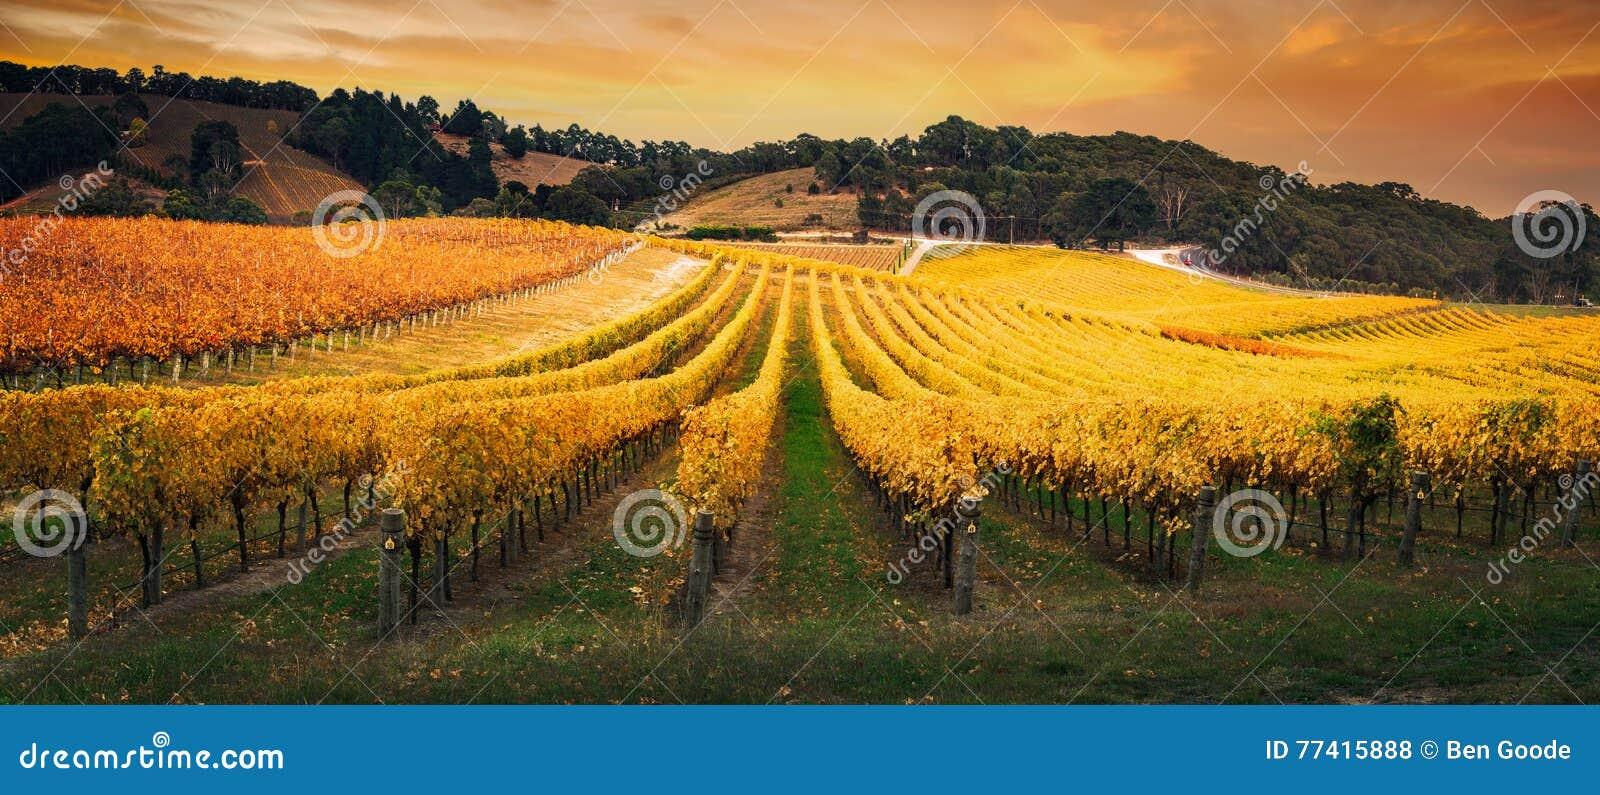 Golden Morning Vineyard